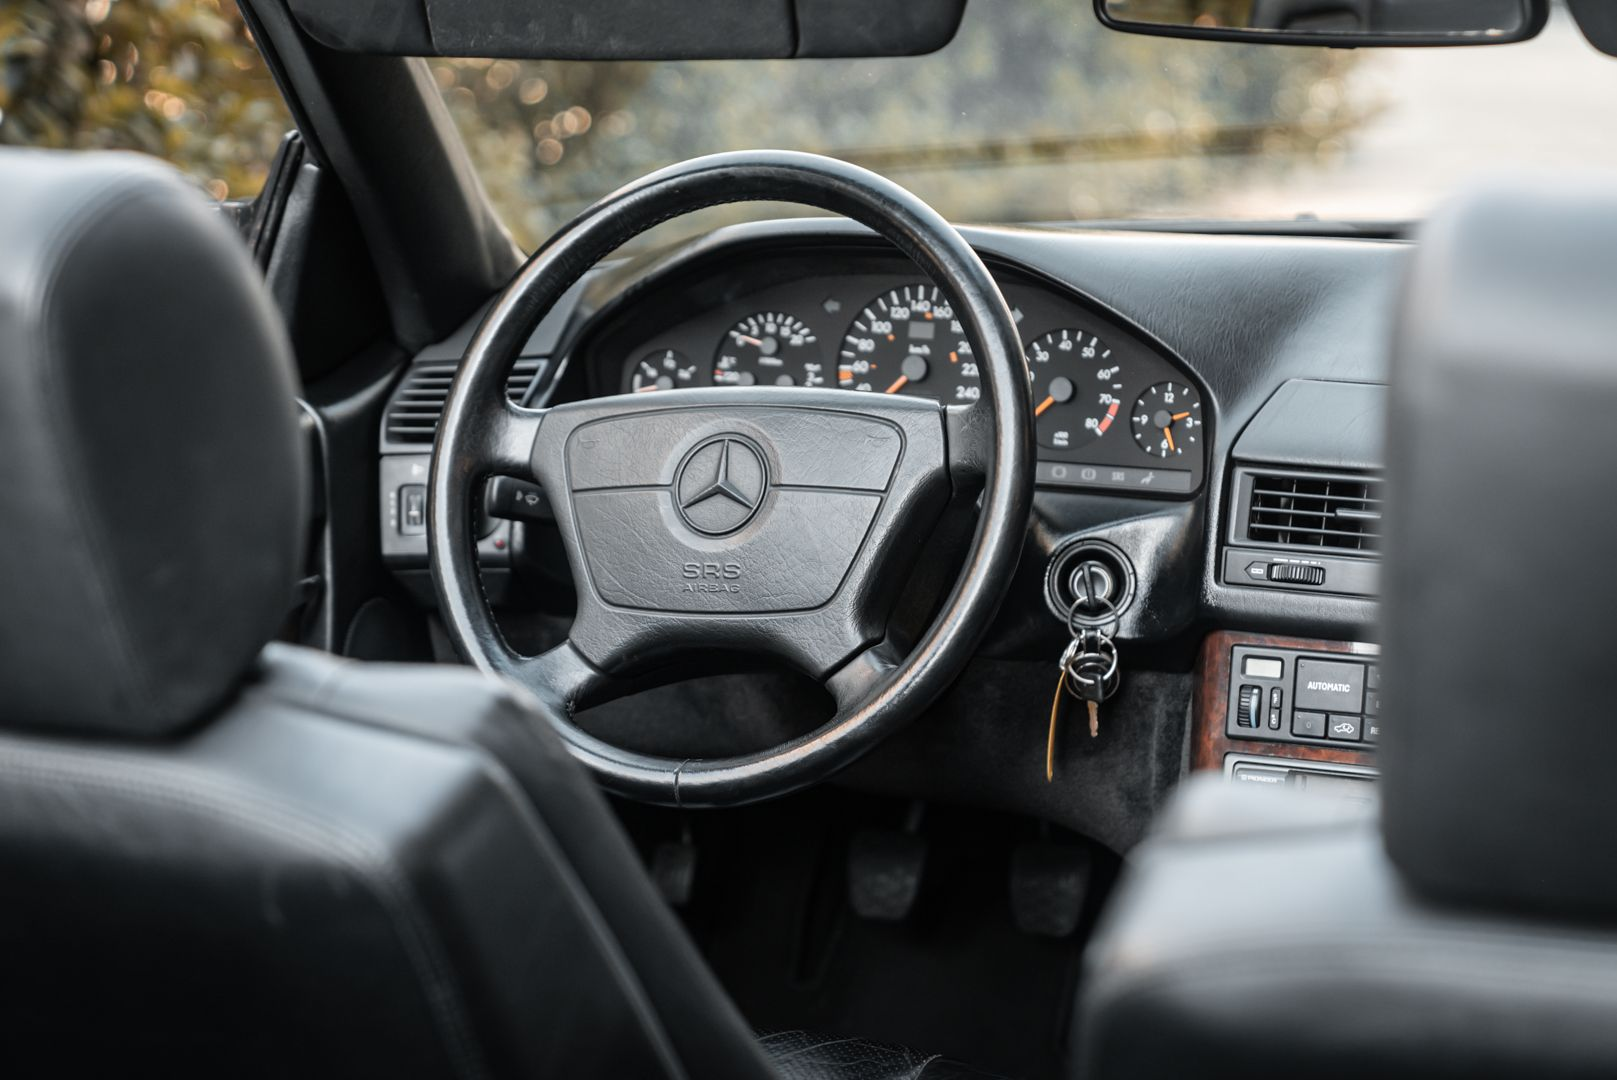 1992 Mercedes Benz 300 SL 24 V 80642